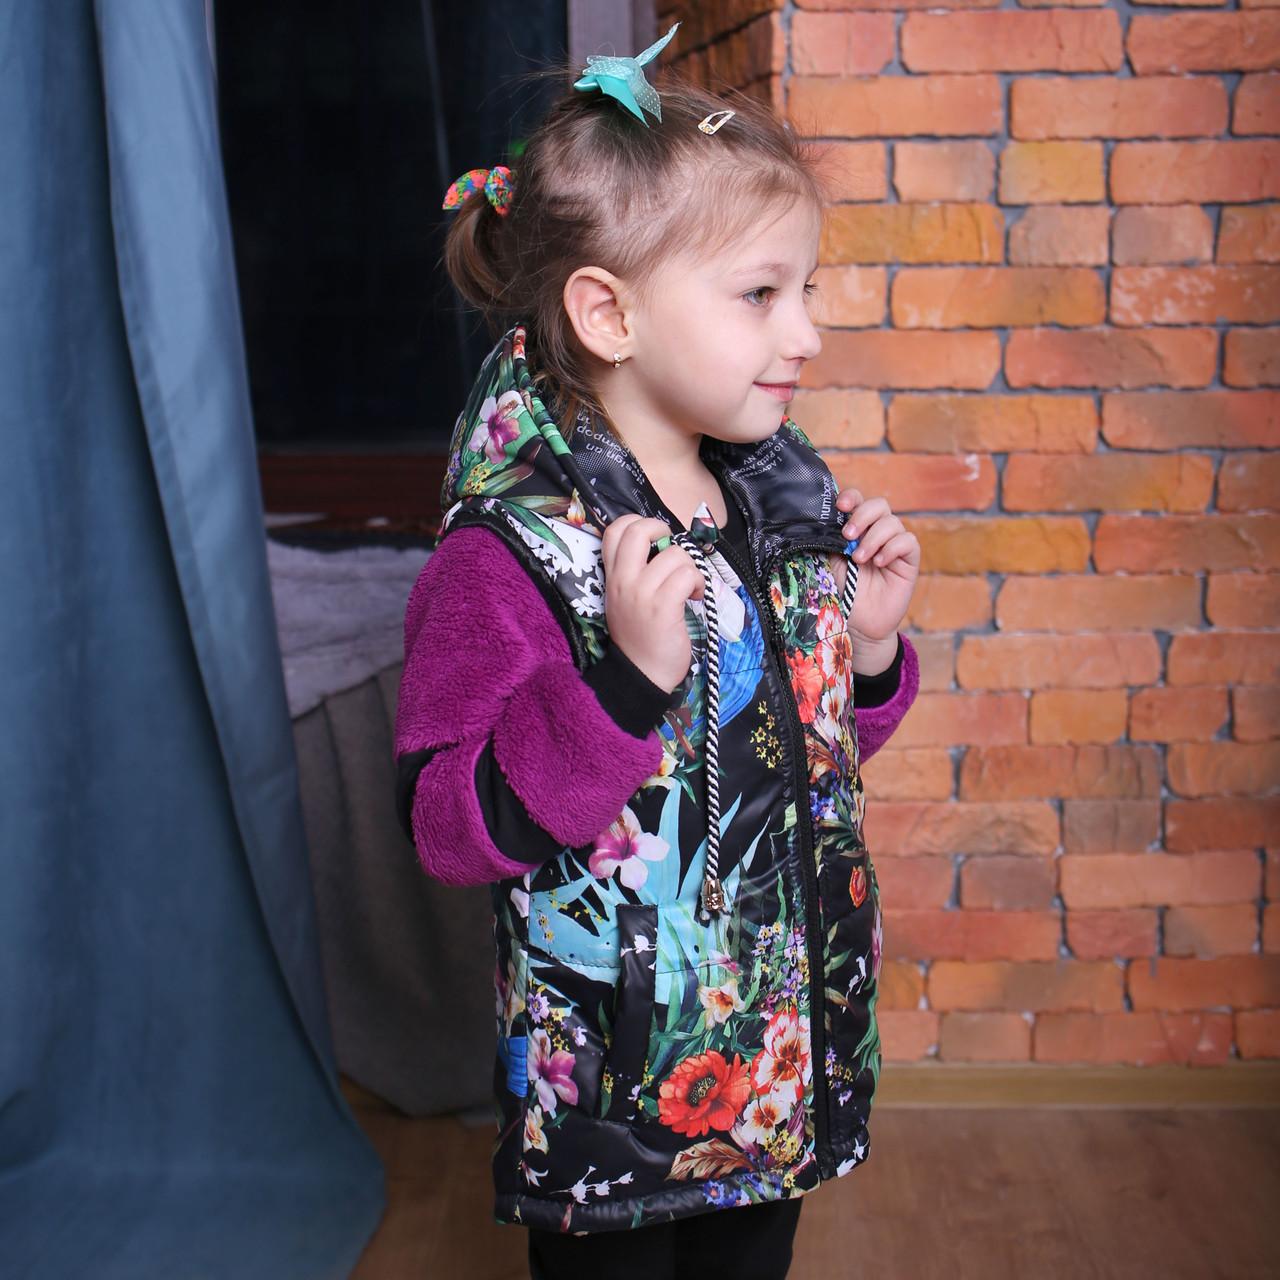 Жилетка Детская Теплая детская жилетка Детский жилет купить Новинка 2019 Топ продаж Подарок сумка